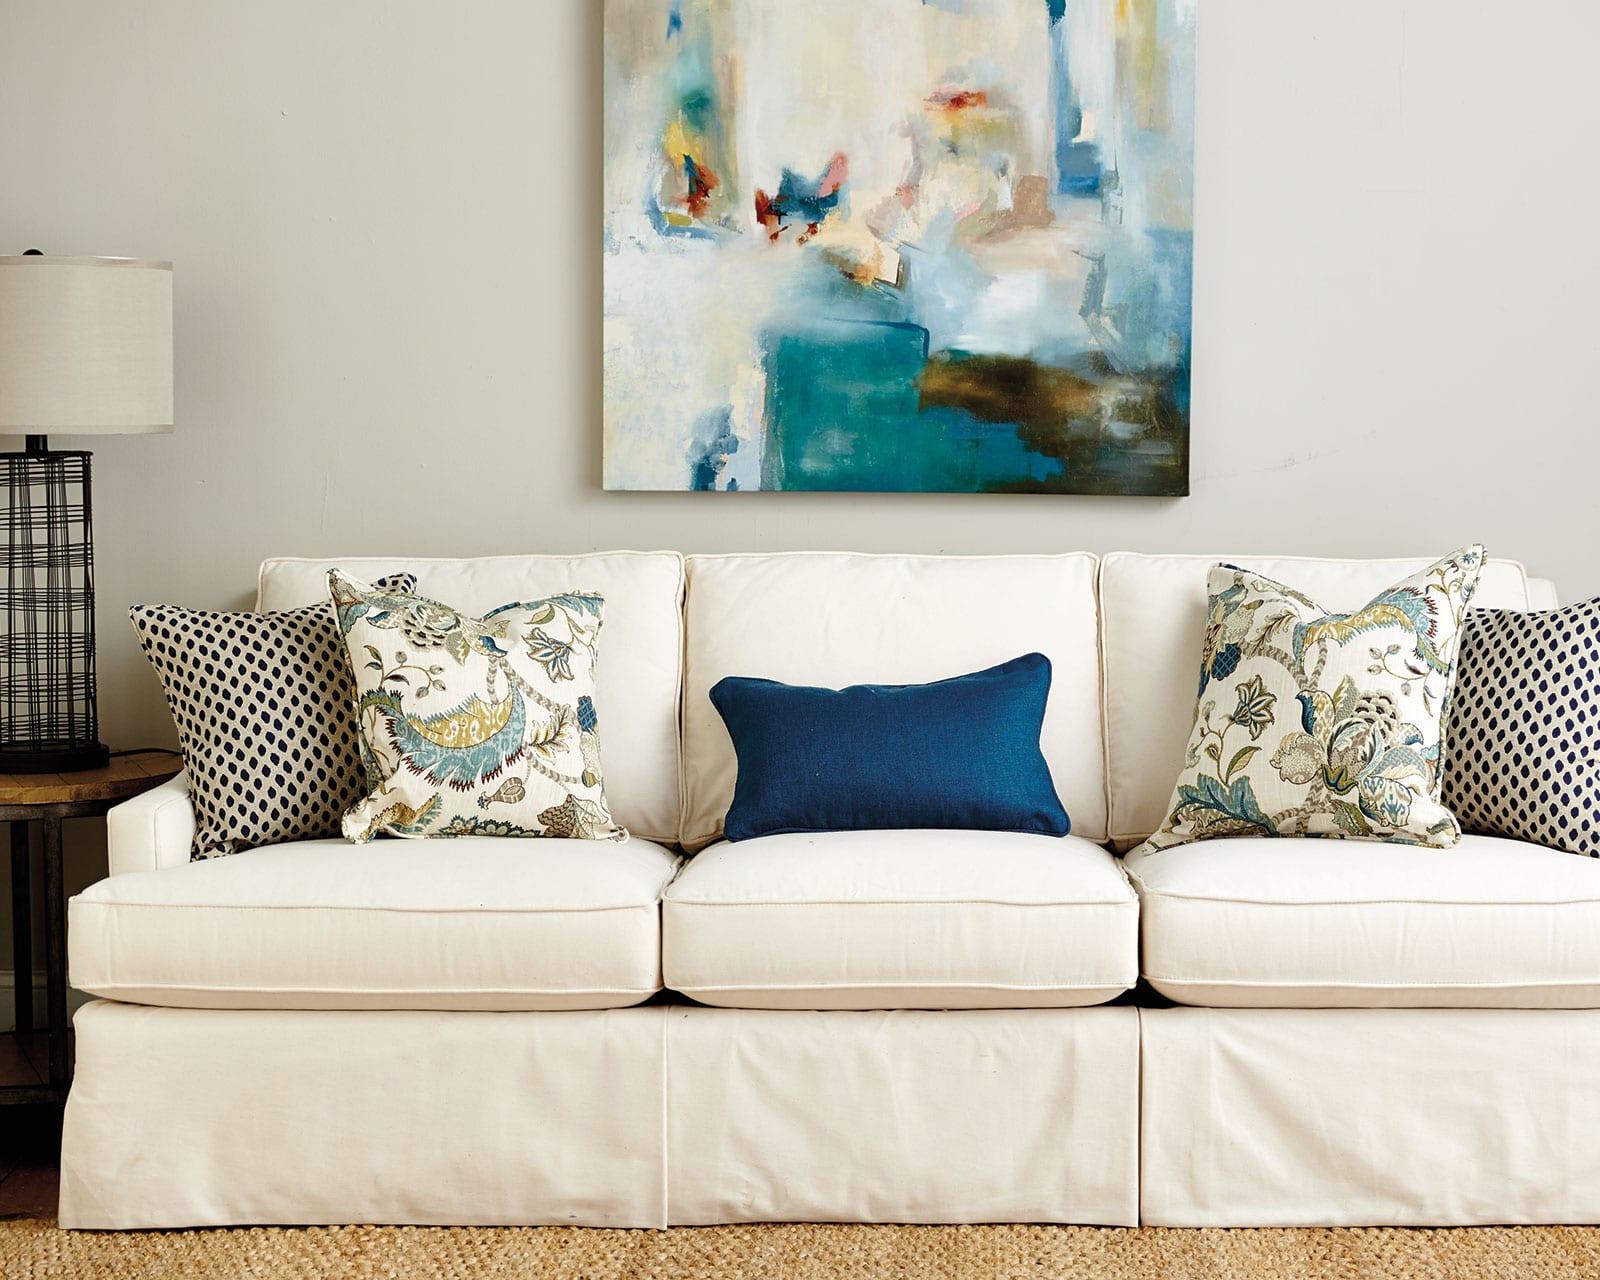 Фон картины дублируется в обивке кресла и диванных подушках, фон стены нейтральный